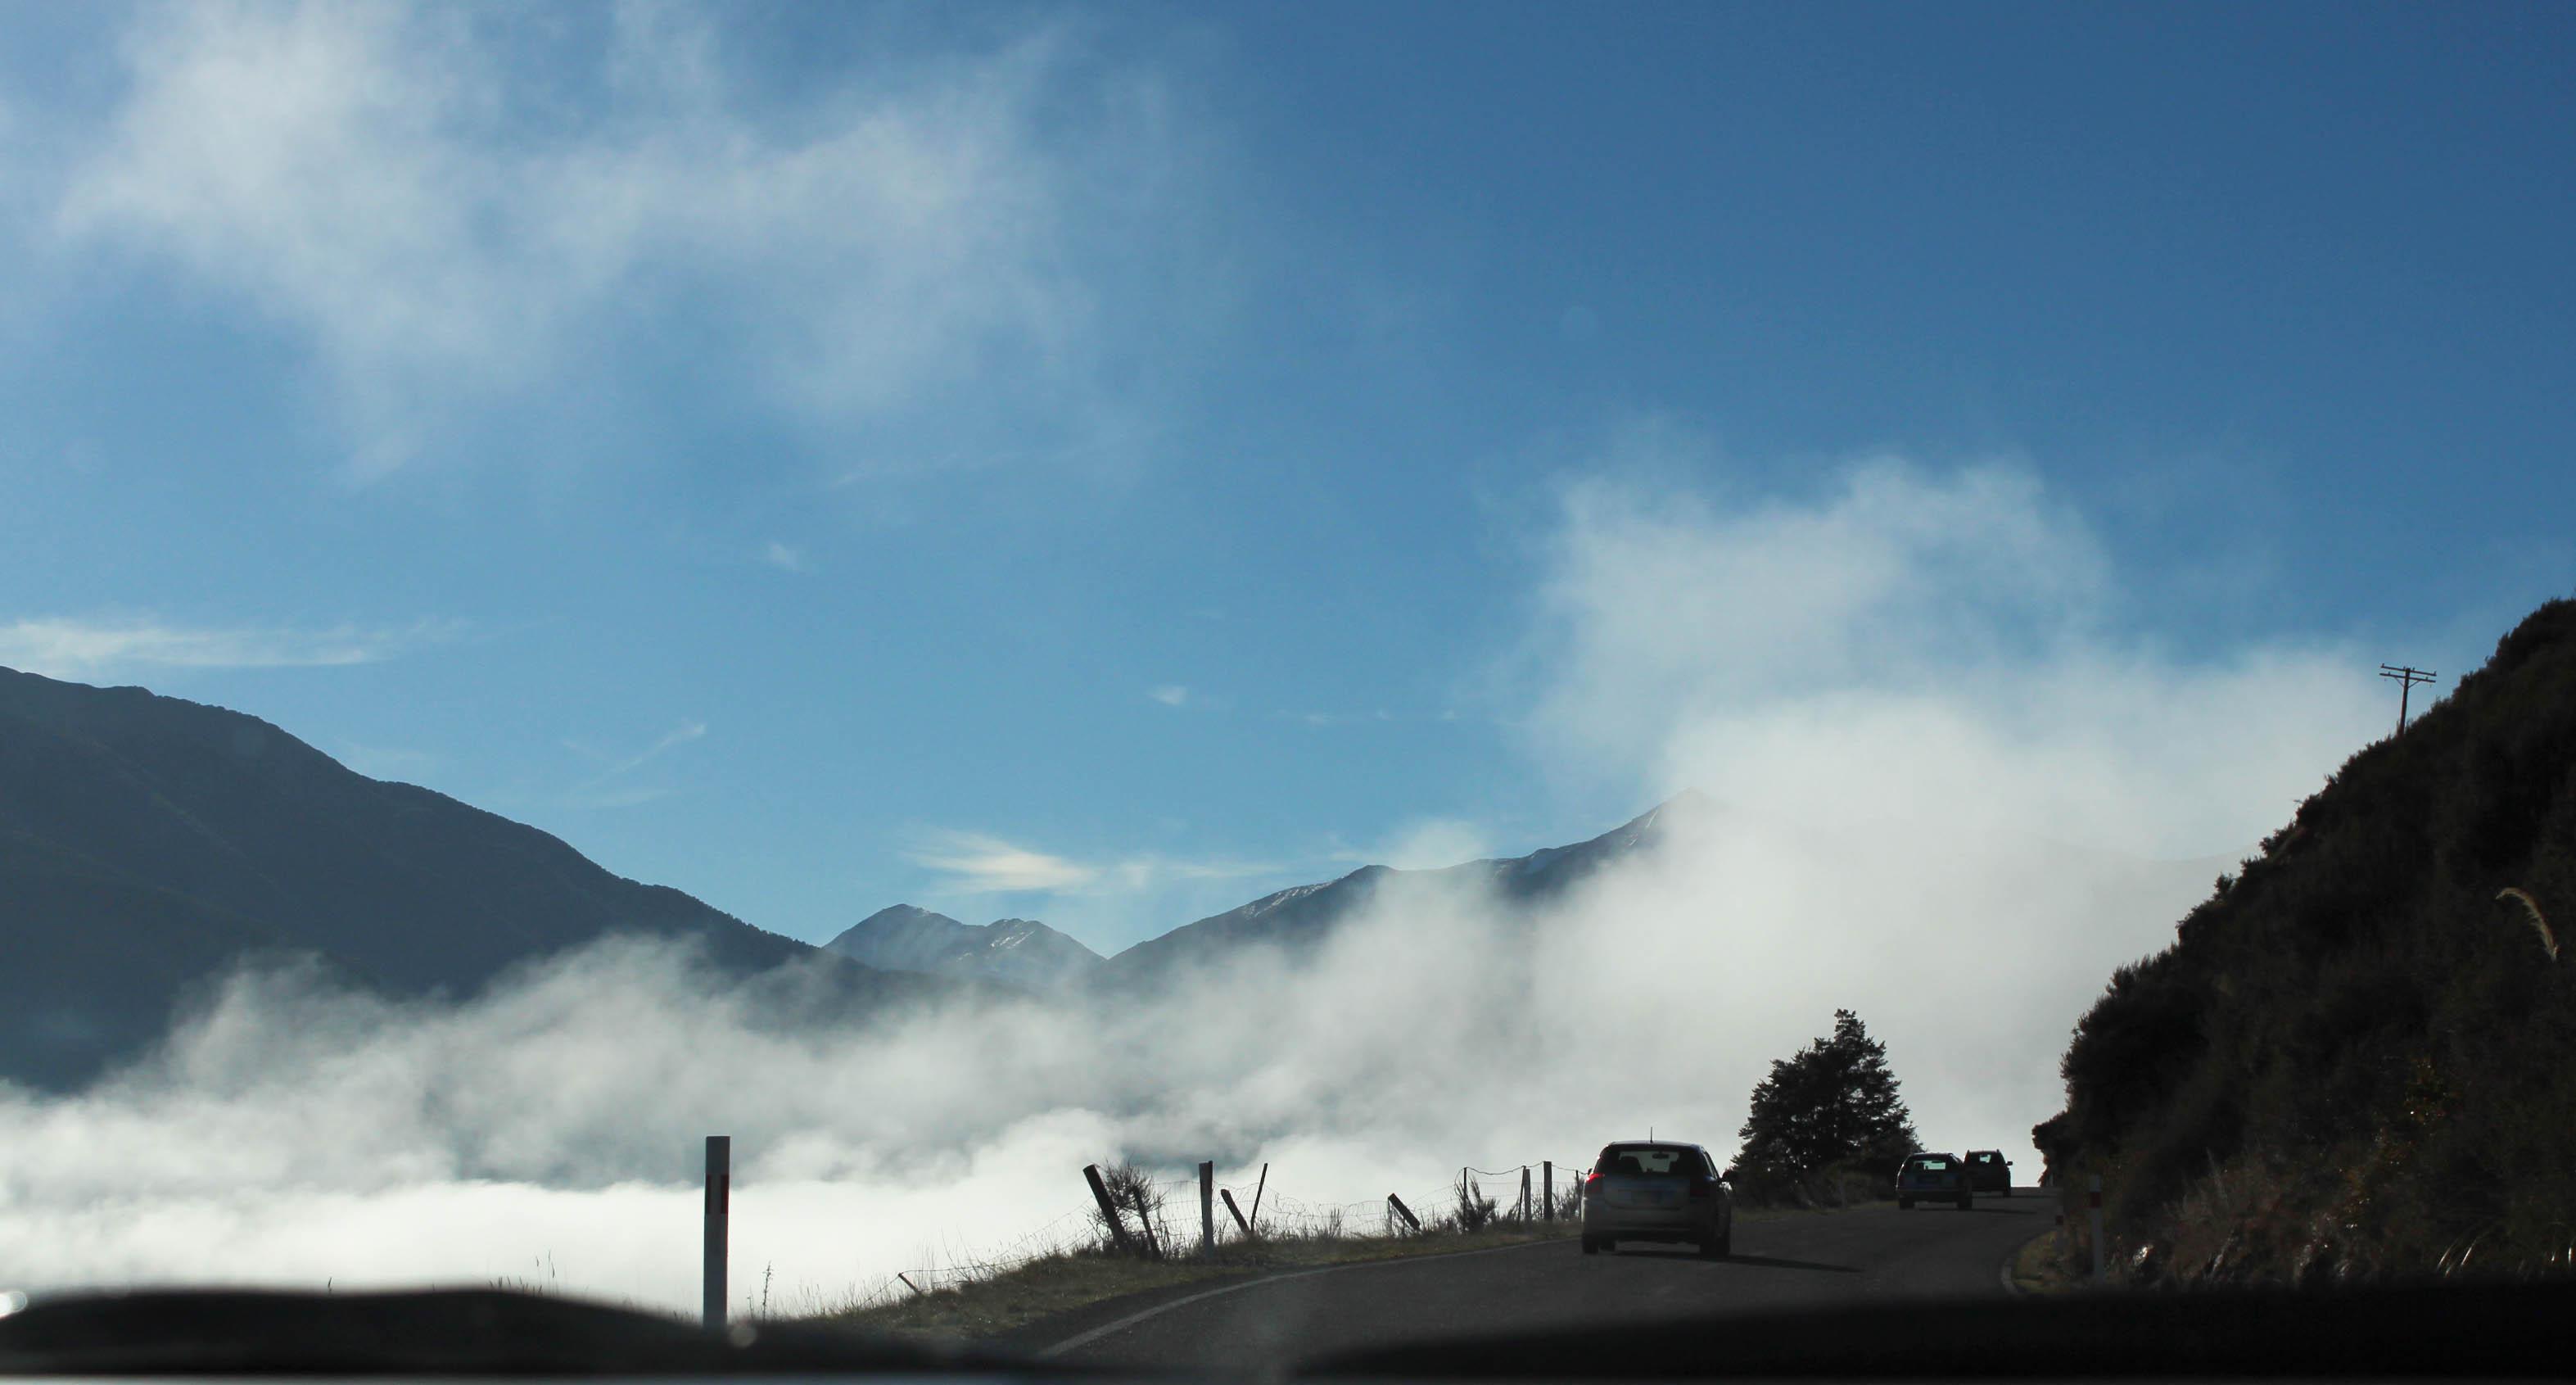 Nouvelle Zélande - Arthur's pass & Akaroa - les lubies de louise (4 sur 46)